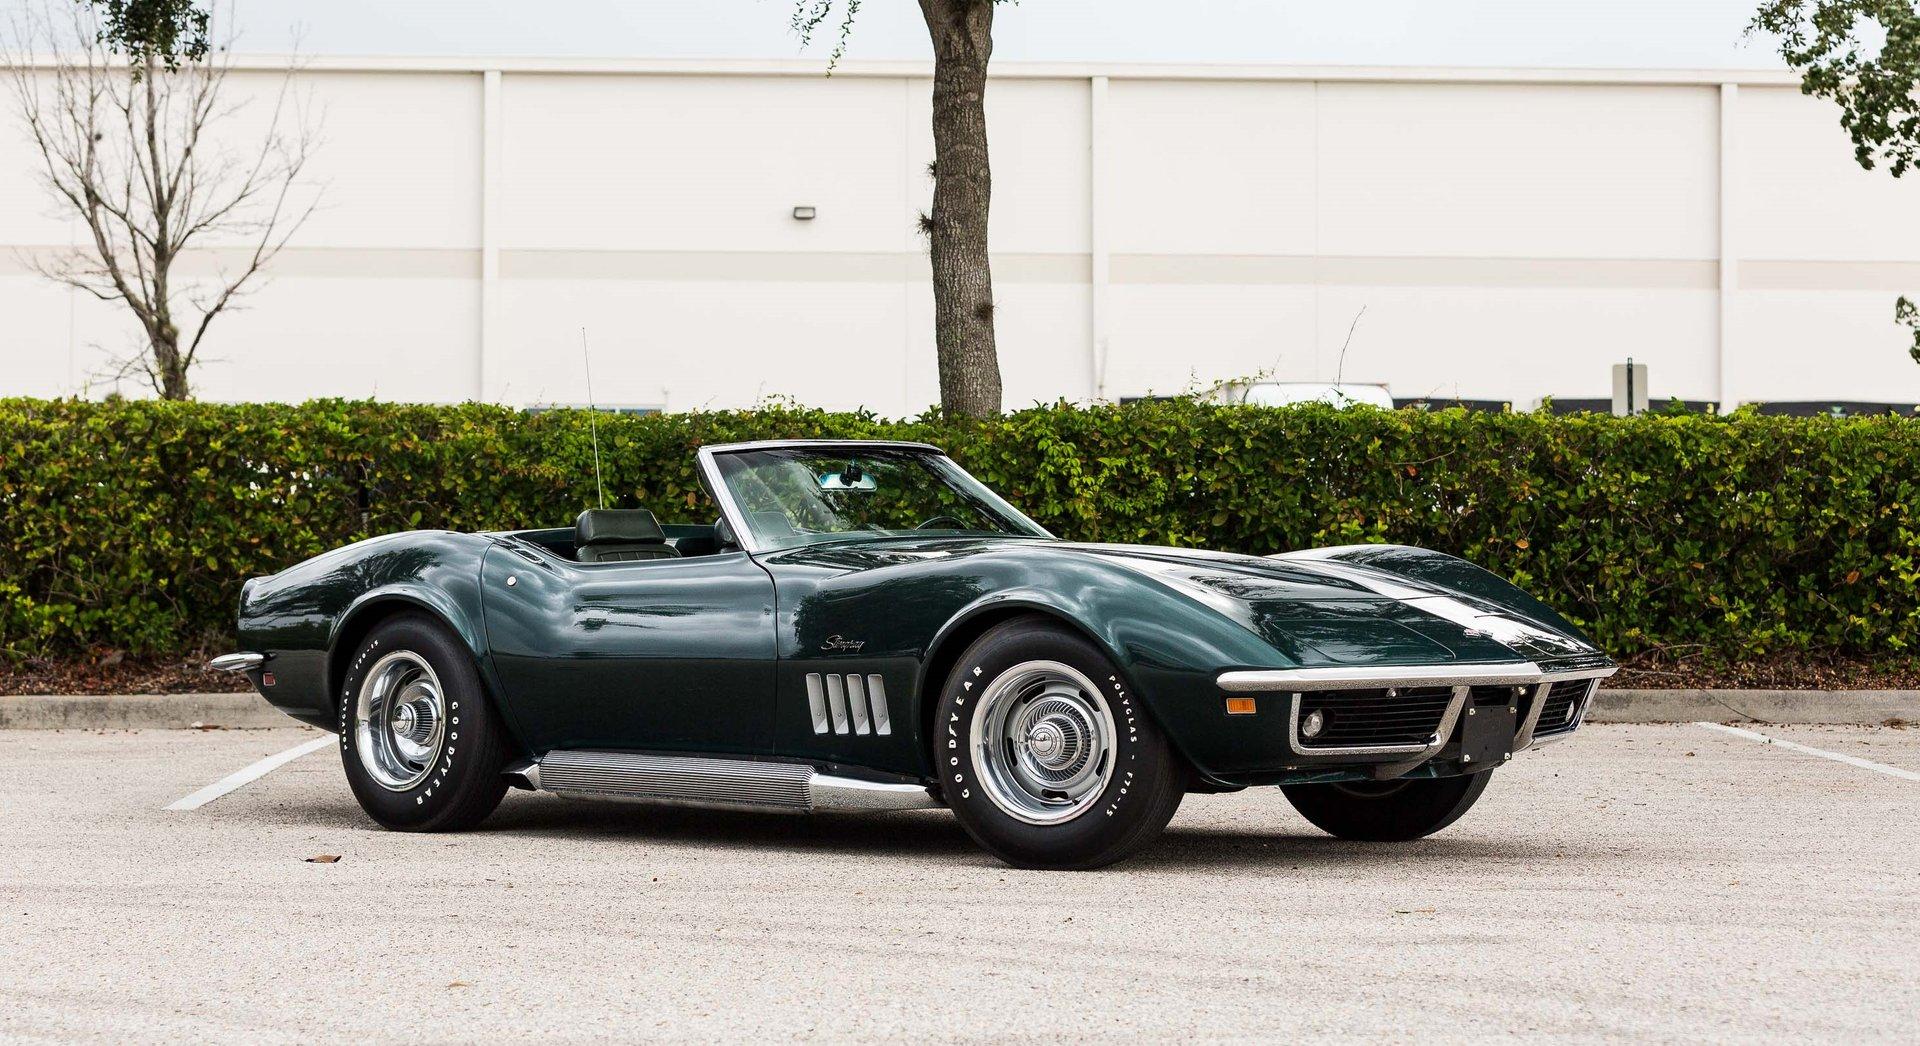 Cars For Sale In Orlando >> 1969 Chevrolet Corvette | Orlando Classic Cars